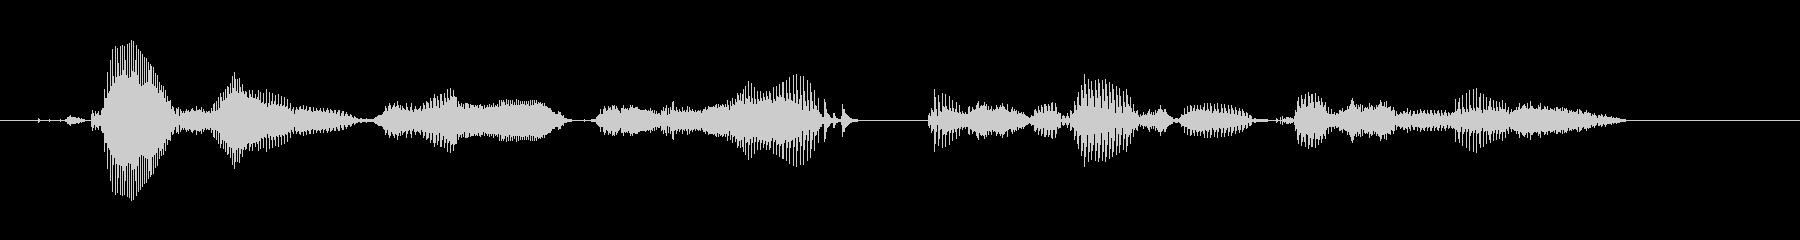 【時報・時間】午前11時を、お知らせい…の未再生の波形